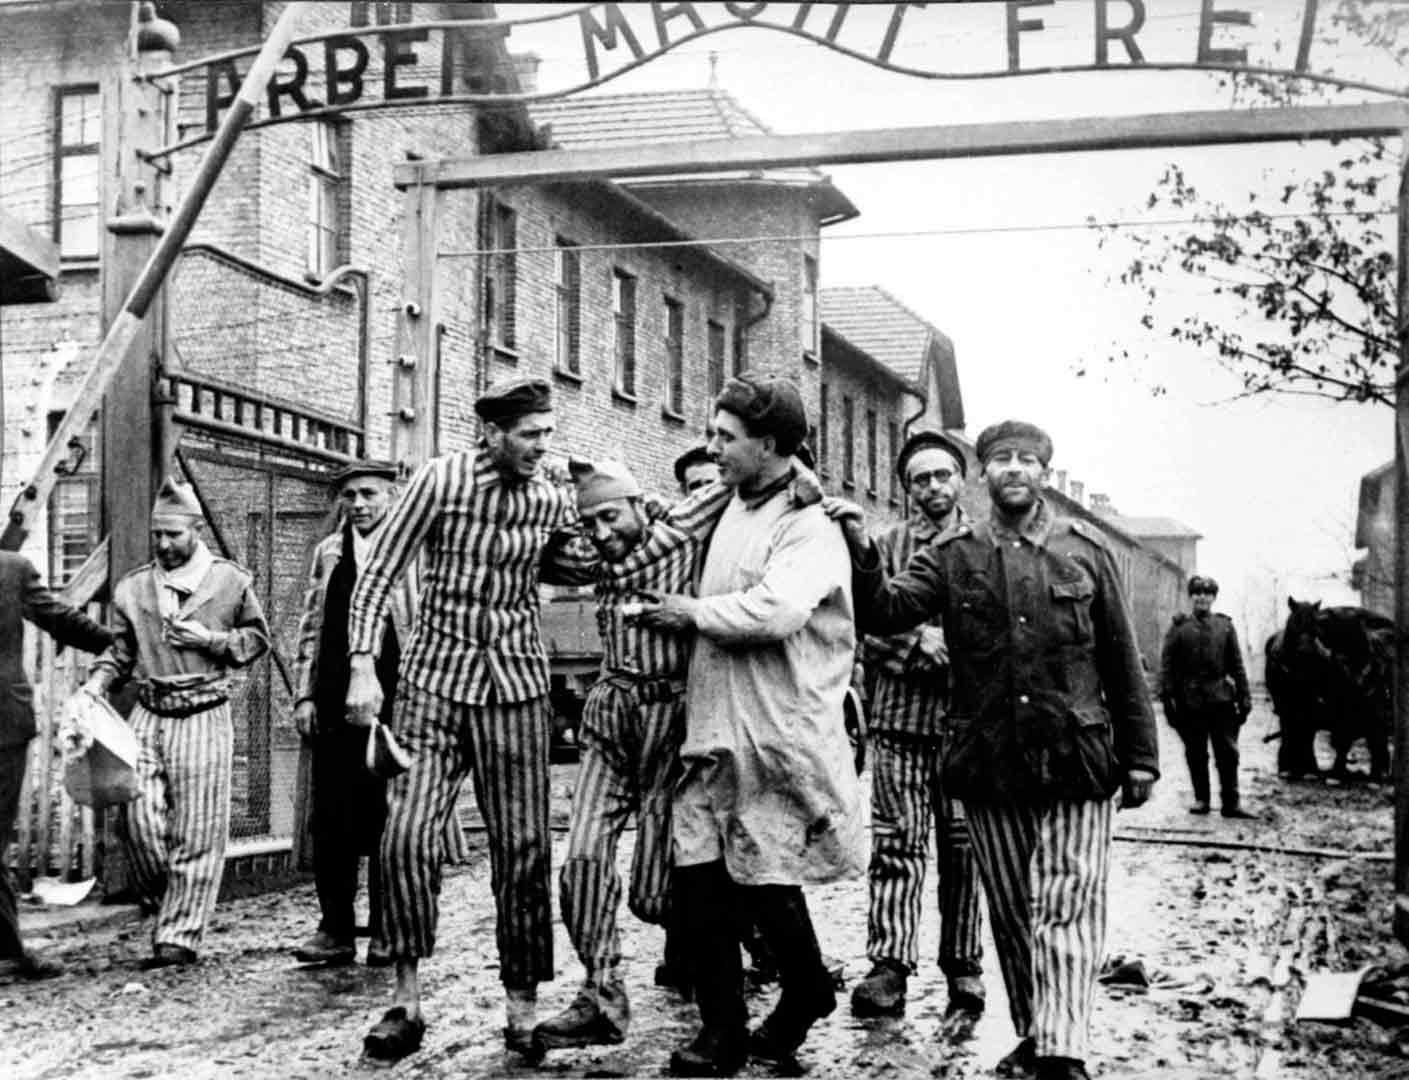 75ème anniversaire de la libération d'Auschwitz. Quelles leçons ont été tirées ?